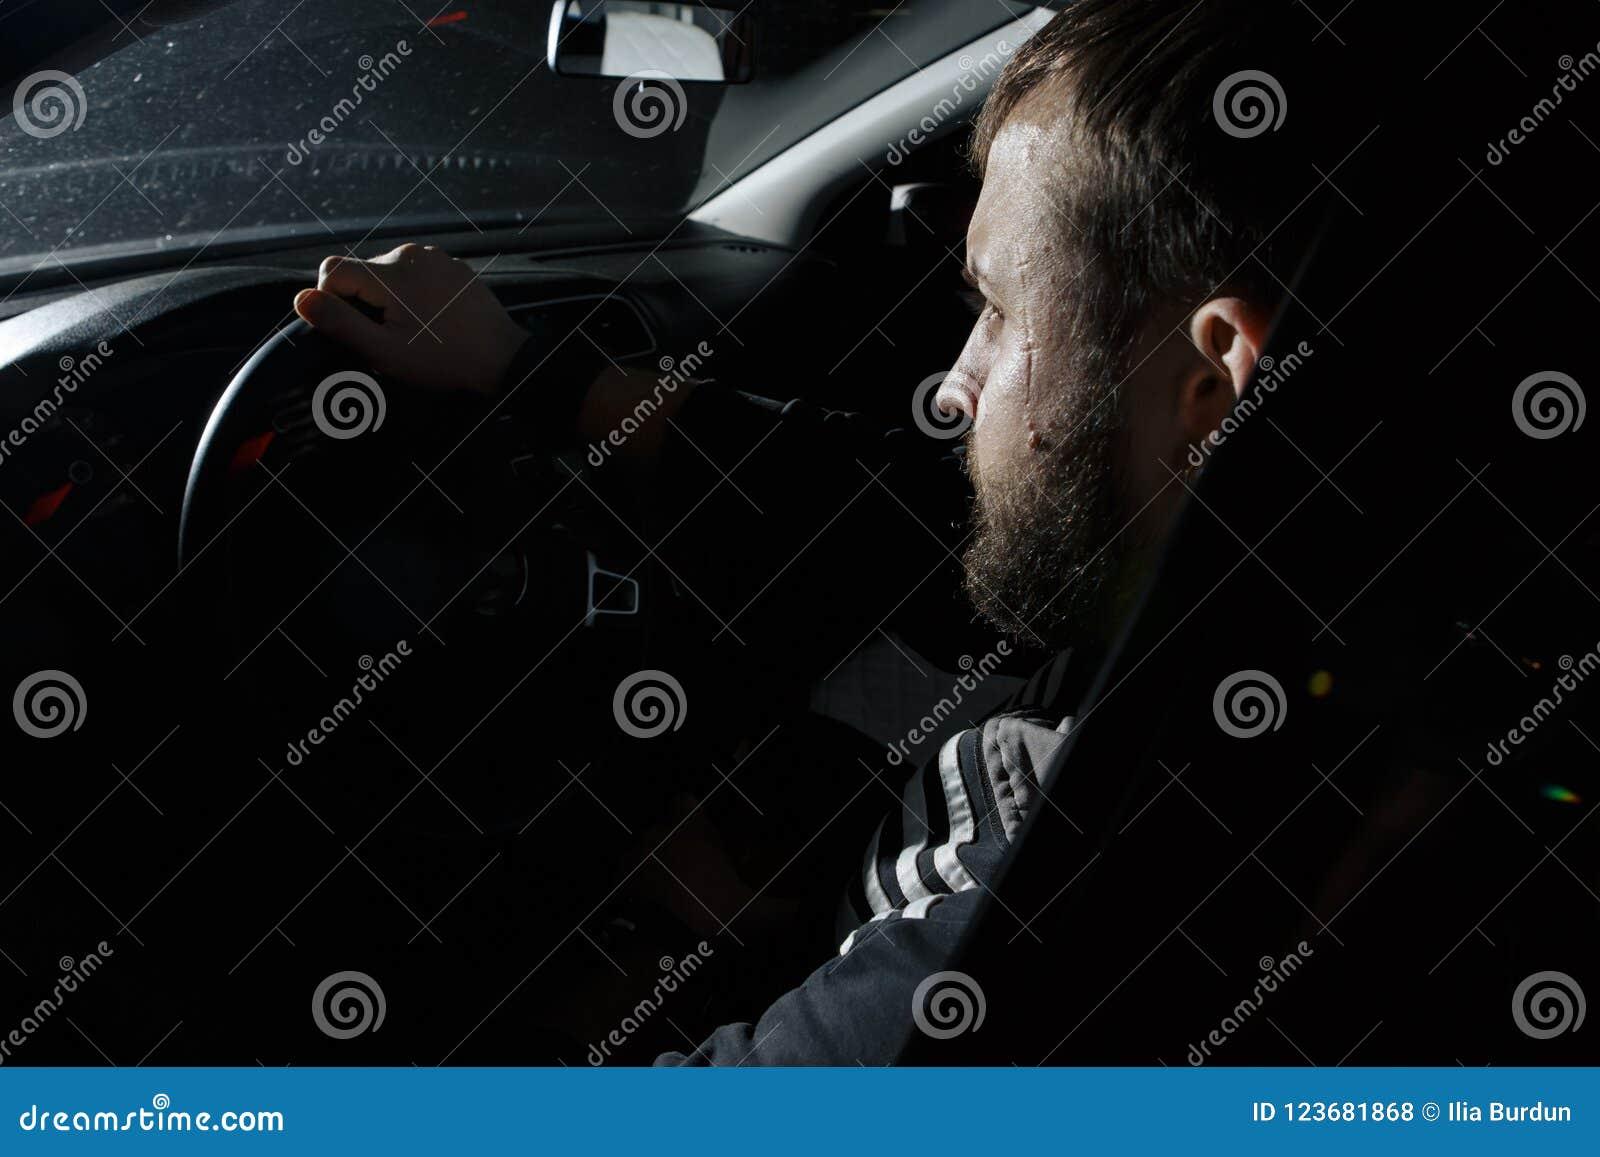 Mauvaises conditions sur la route